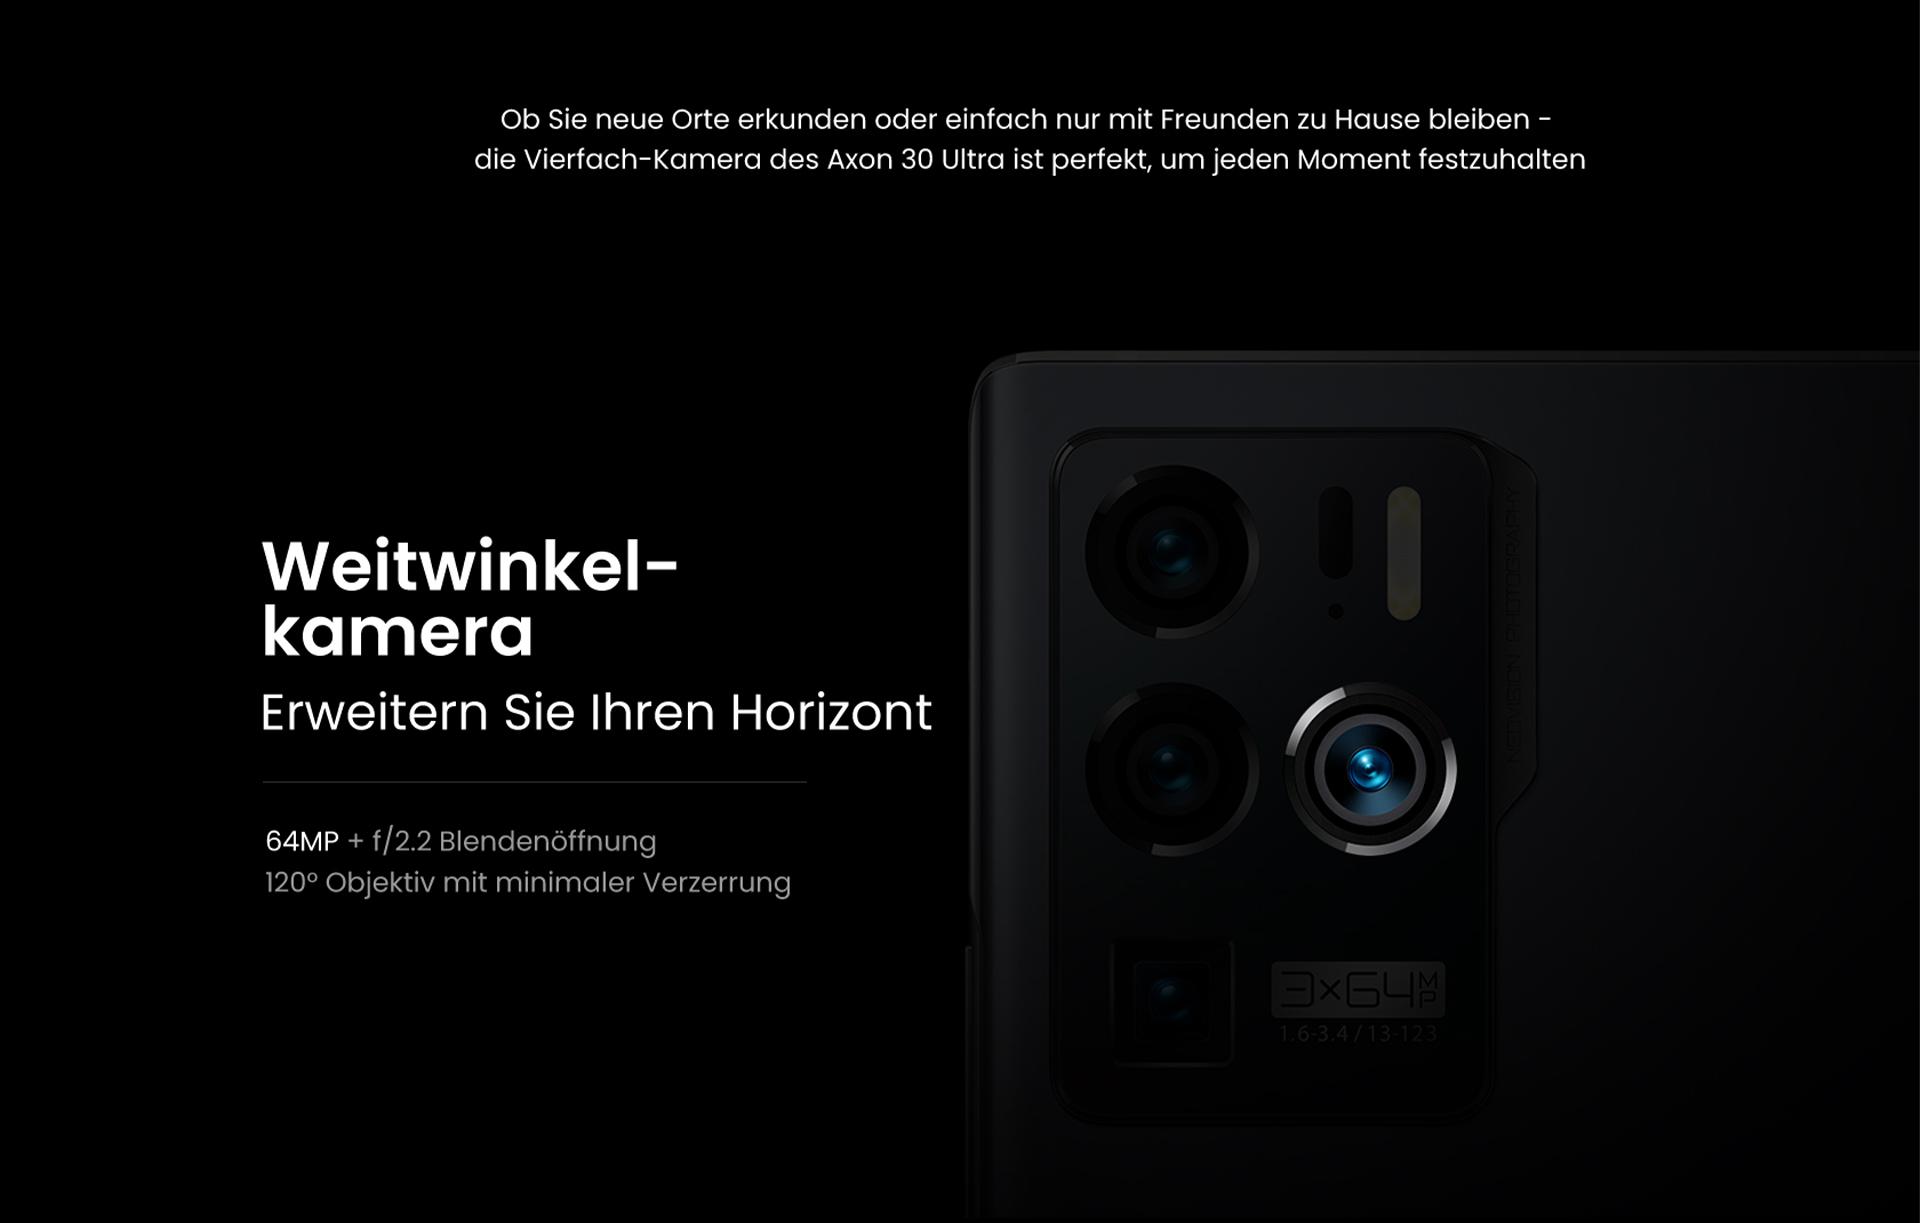 Ob Sie neue Orte erkunden oder einfach nur mit Freunden zu Hause bleiben - die Vierfach-Kamera des ZTE Axon 30 Ultra ist perfekt, um jeden Moment festzuhalten - 64MP + f/2-2 Blendenöffnung, 120° Objektiv mit minimaler Verzerrung